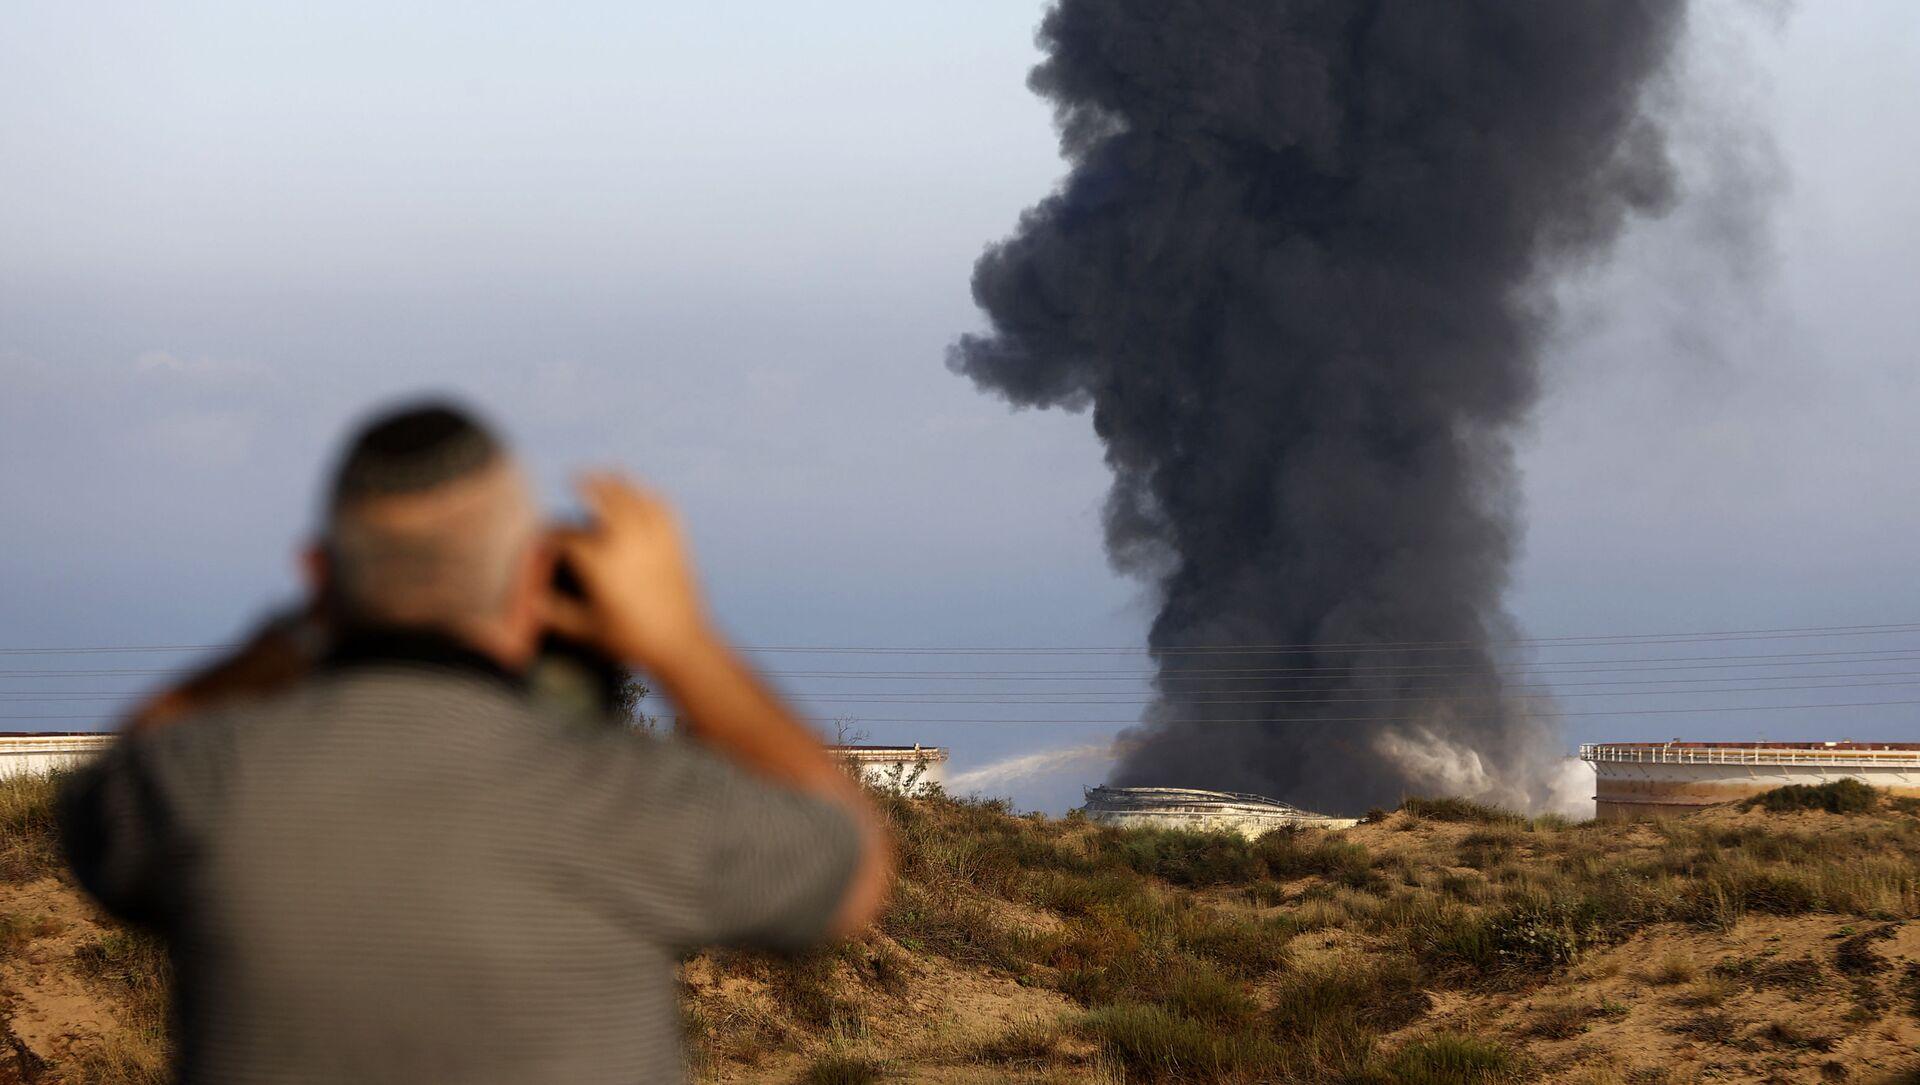 Một người đàn ông Israel nhìn từ xa khi khói bốc lên vào sáng sớm ngày 12 tháng 5 năm 2021 từ nhà máy lọc dầu của Ashkelon, bị trúng tên lửa Hamas vào ngày hôm trước, ở thành phố phía nam Israel, gần Dải Gaza - Sputnik Việt Nam, 1920, 17.05.2021